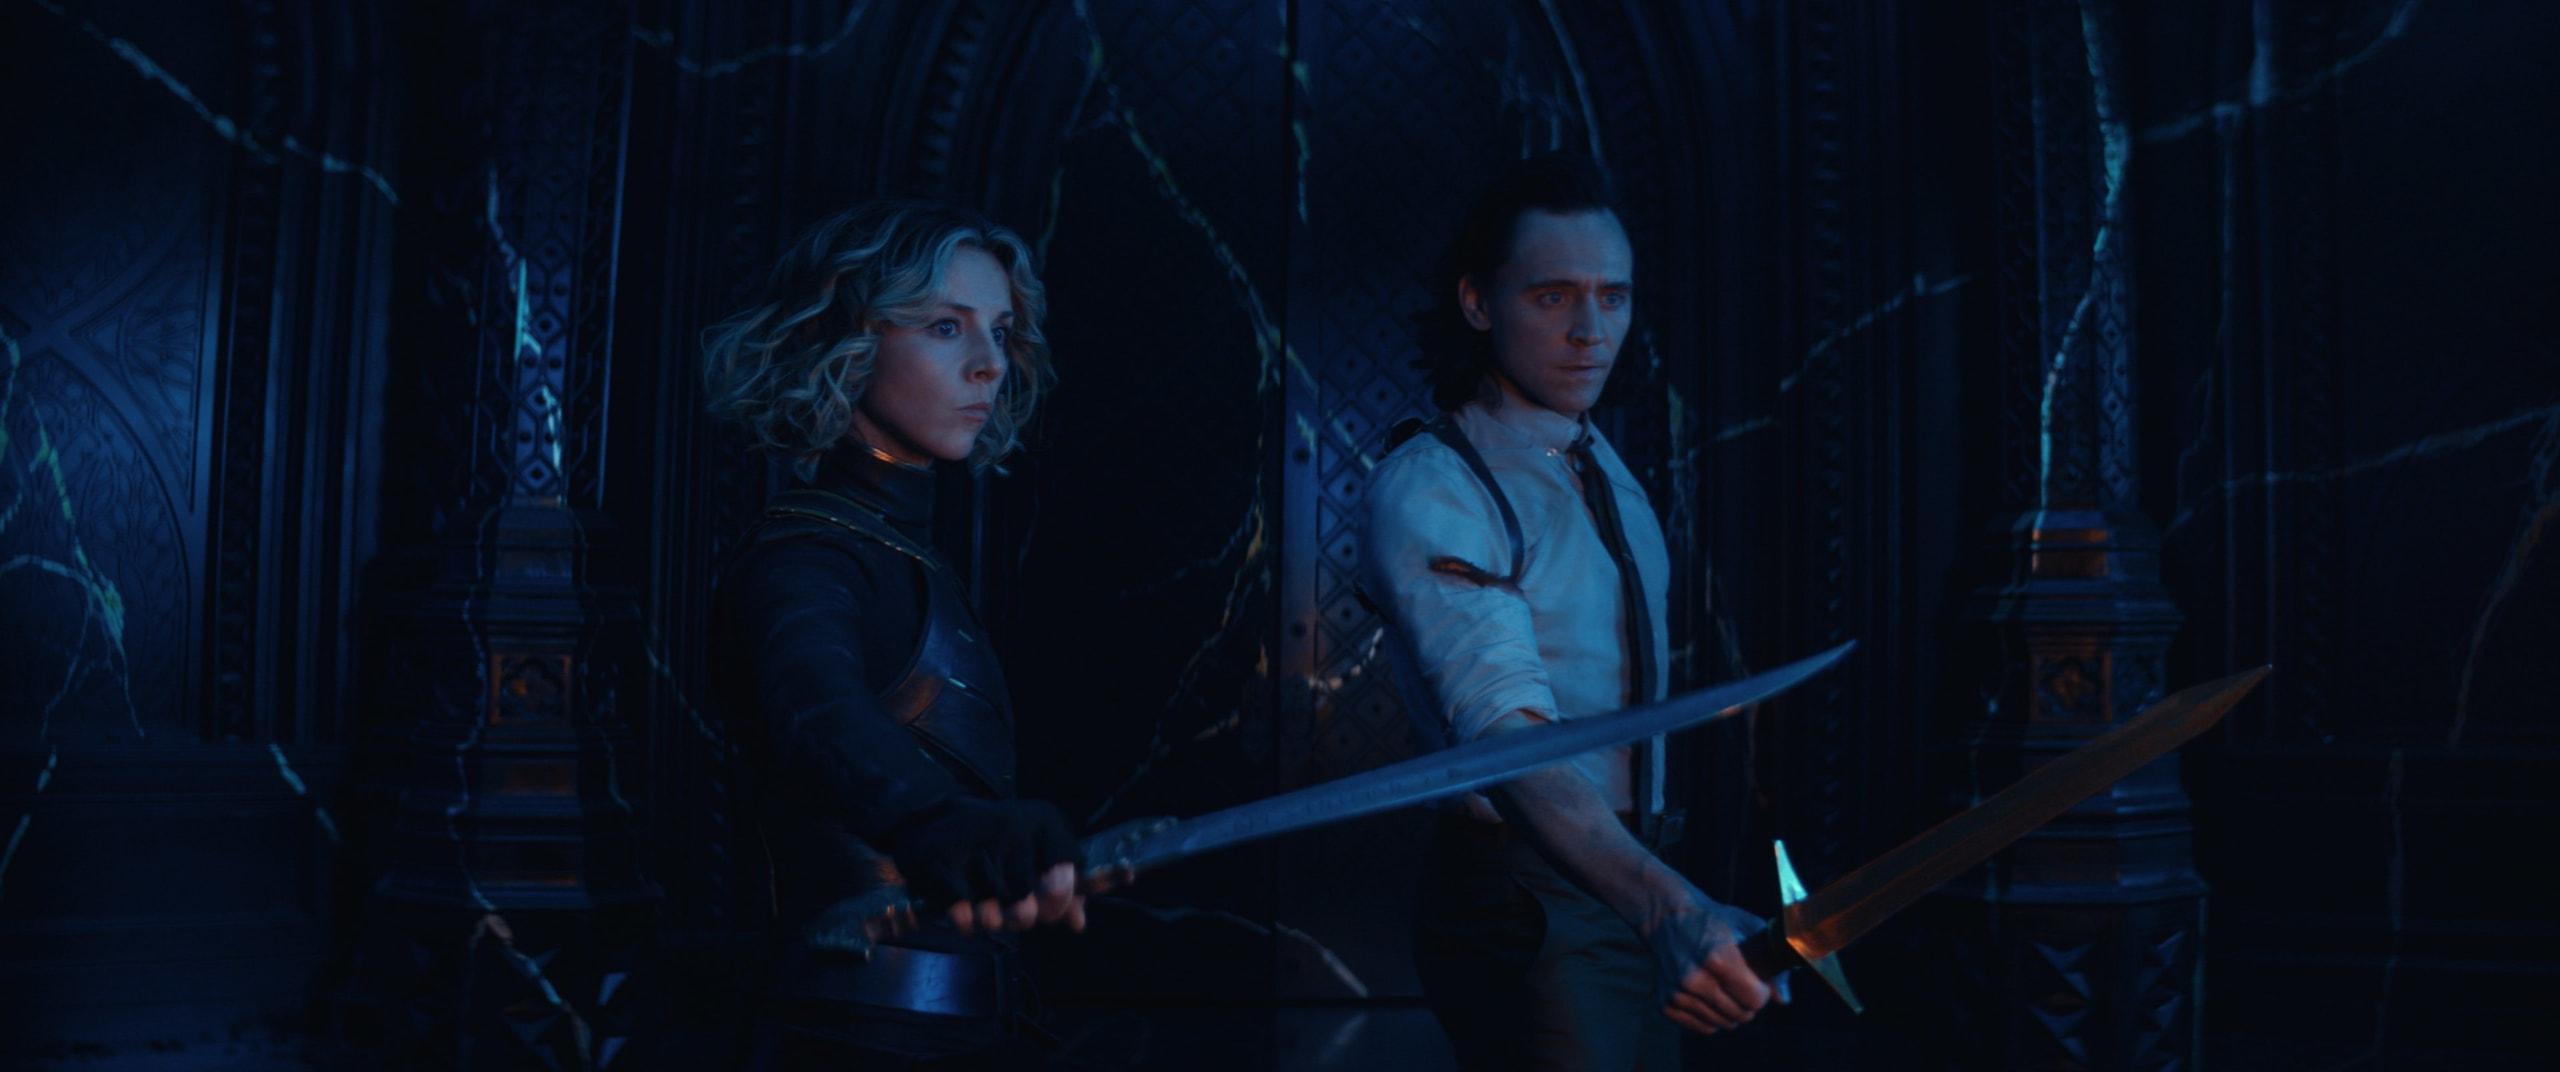 Loki Episode 6 Easter Eggs